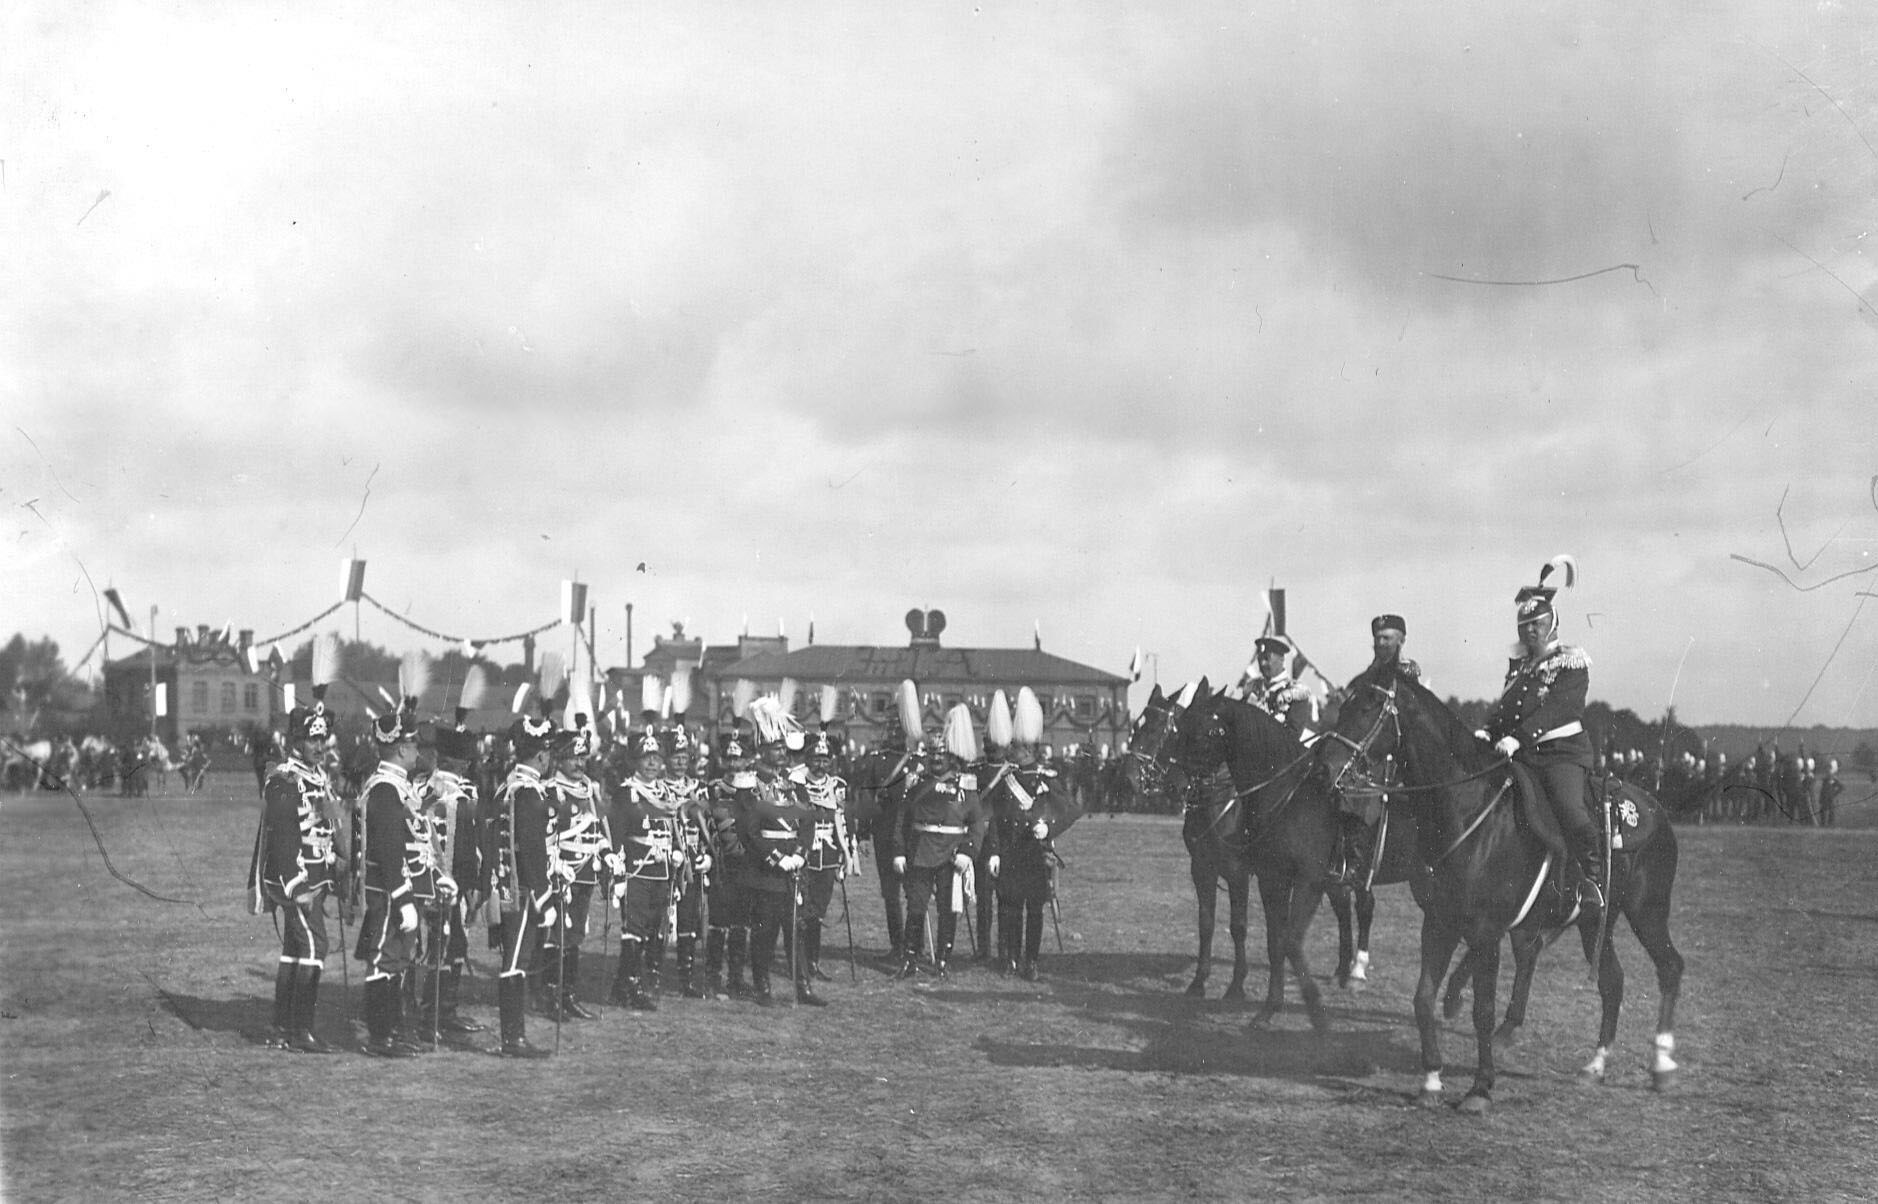 Офицеры прусских полков («гусар смерти»), прибывшие на празднование 250-летнего юбилея полка